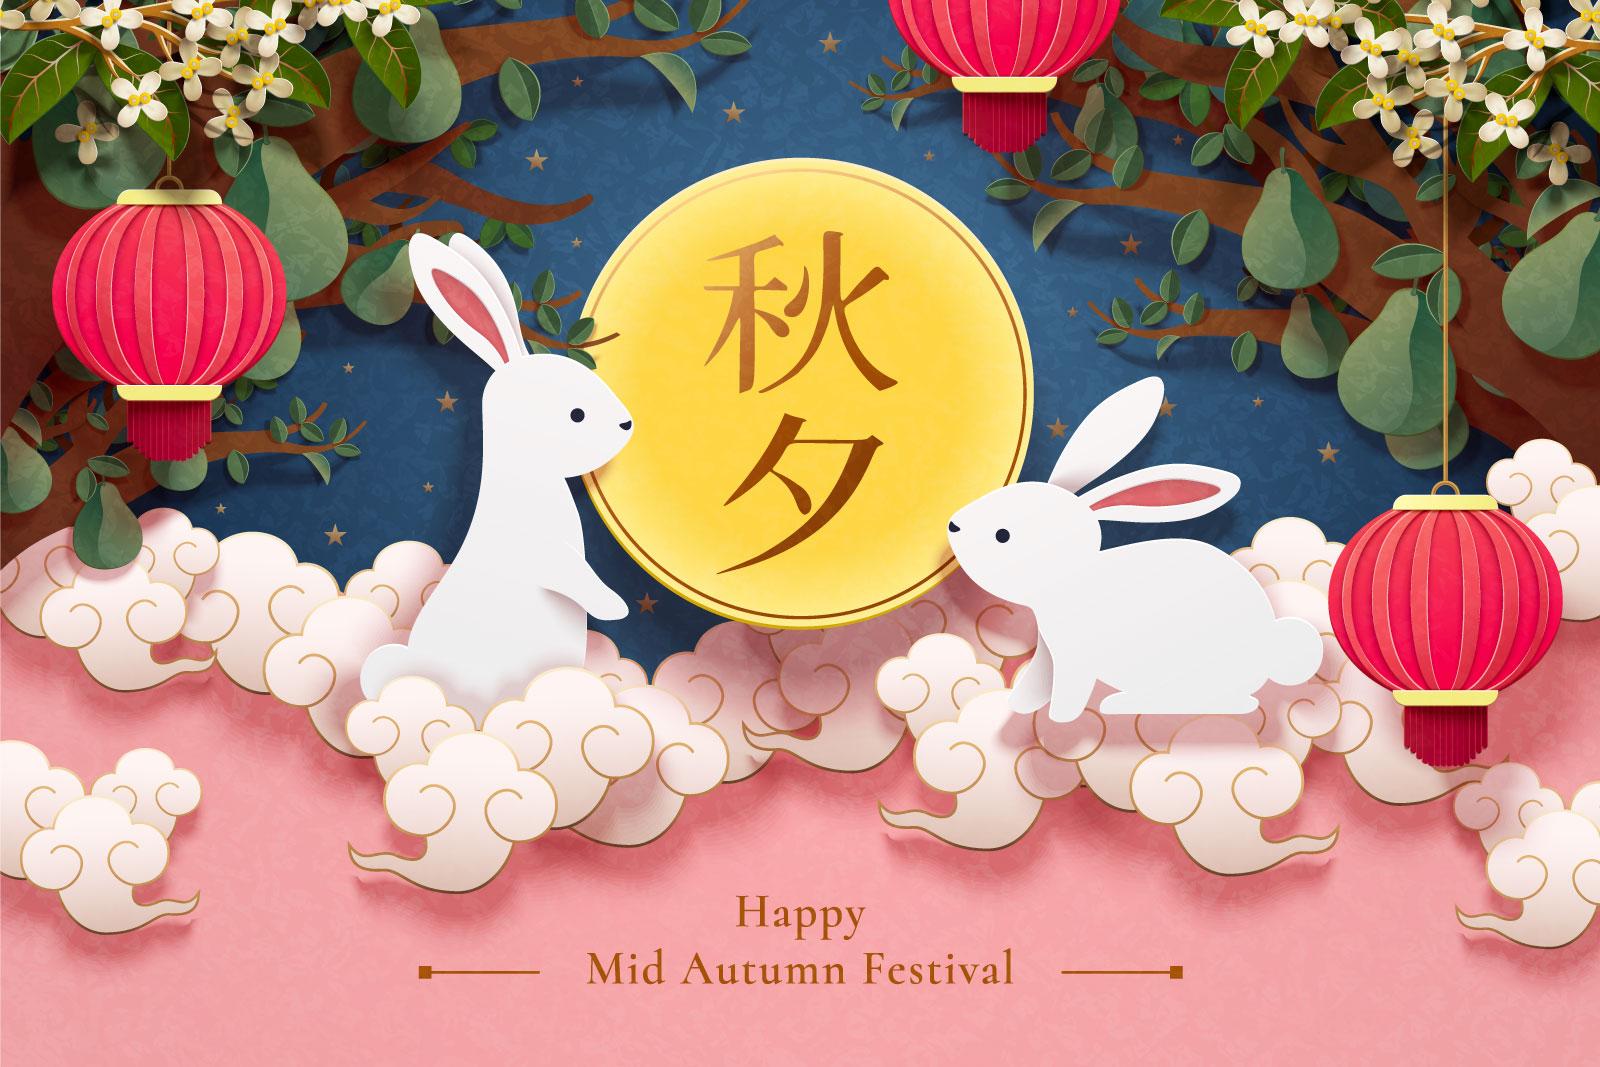 38款中国风中秋节主视觉海报插画AI广告设计素材源文件 Mid Autumn Festival Vector Pattern插图(9)